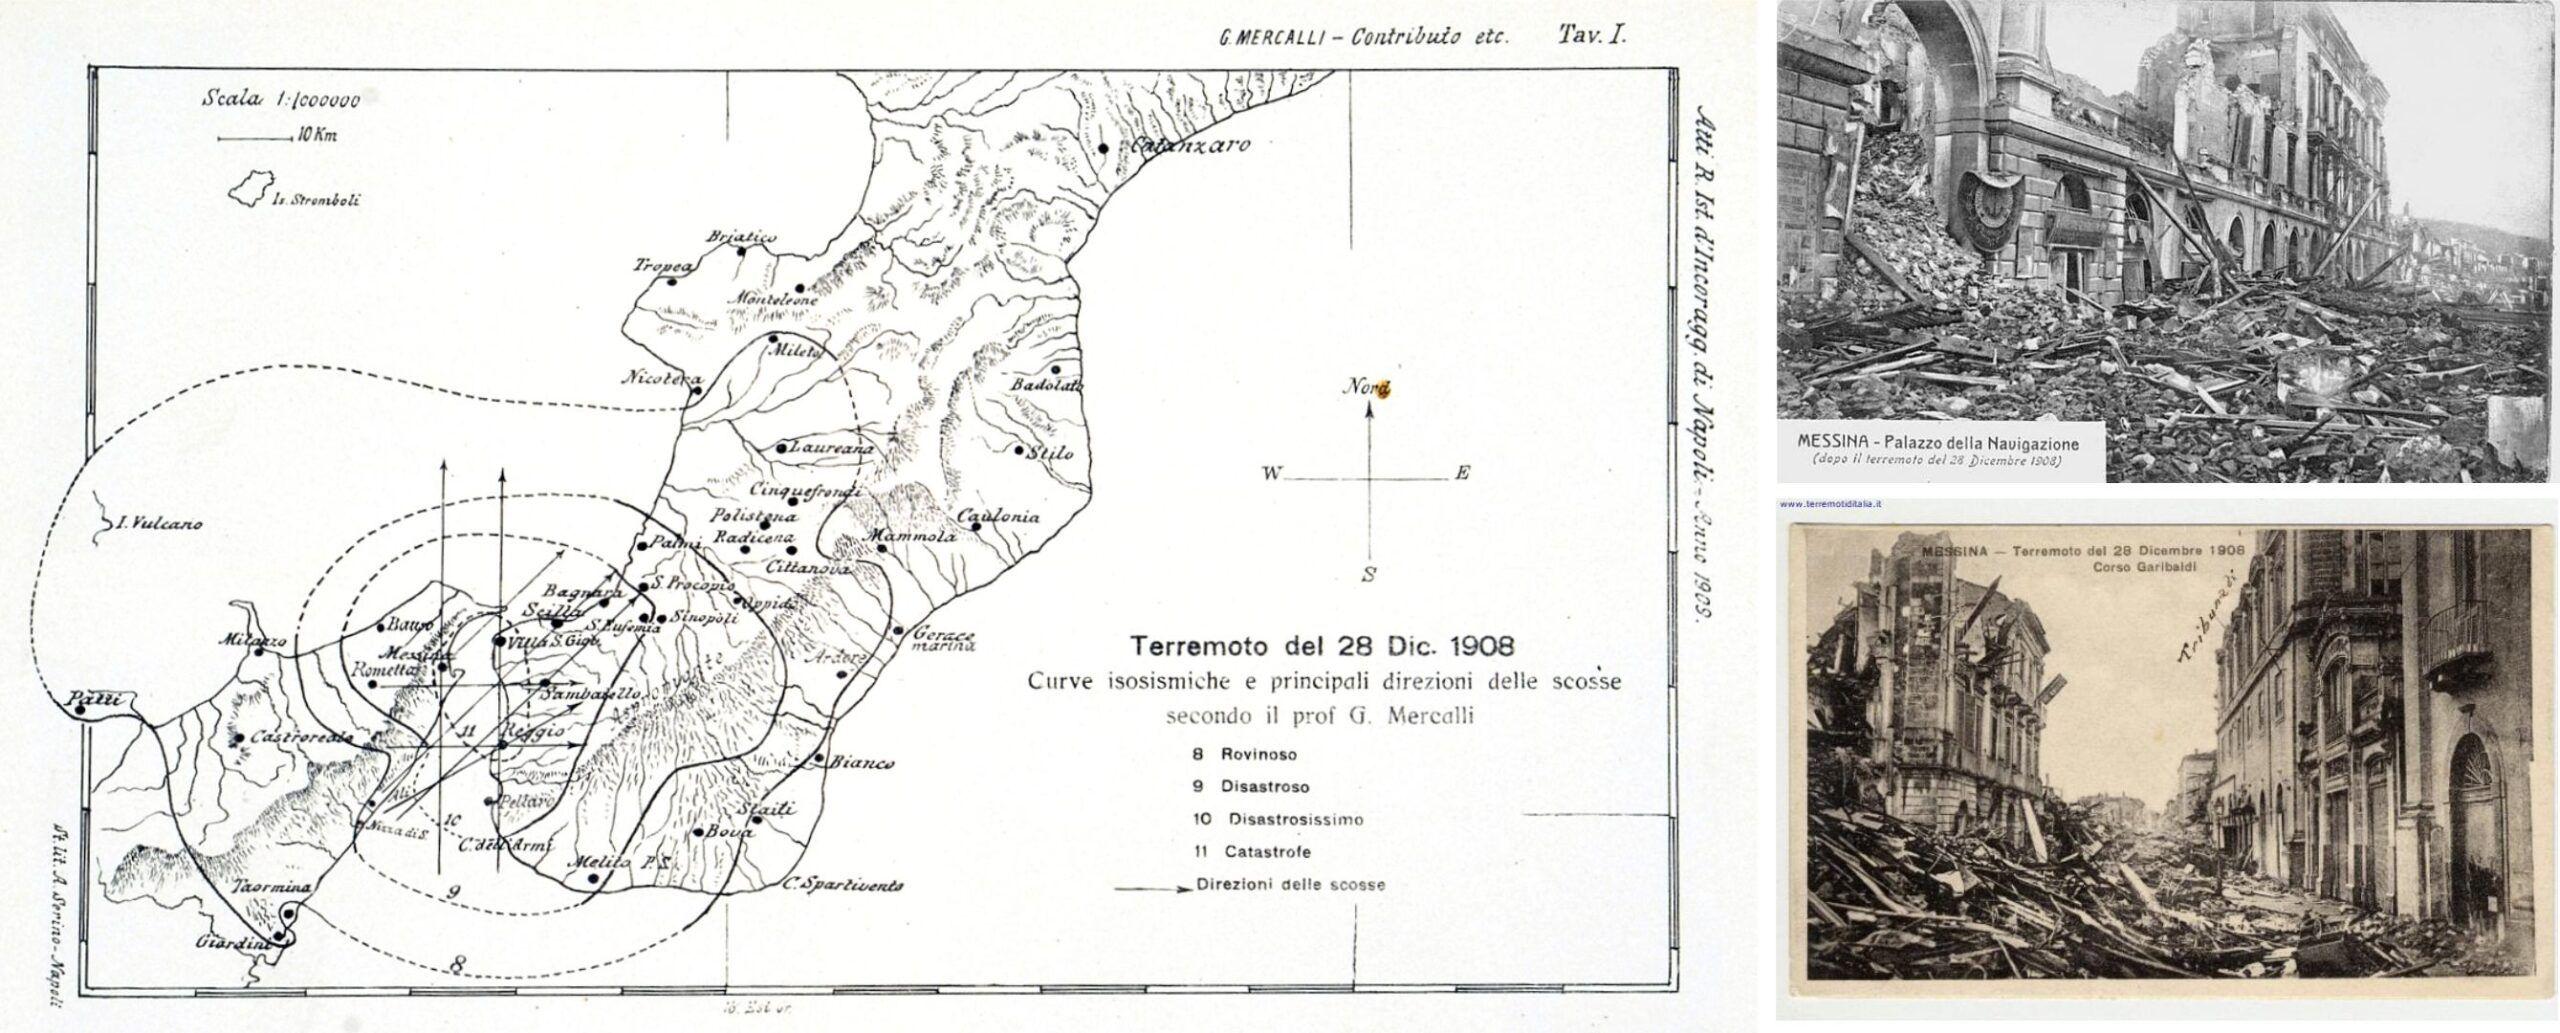 Scoperta la faglia che generò il sisma di Messina e Reggio Calabria